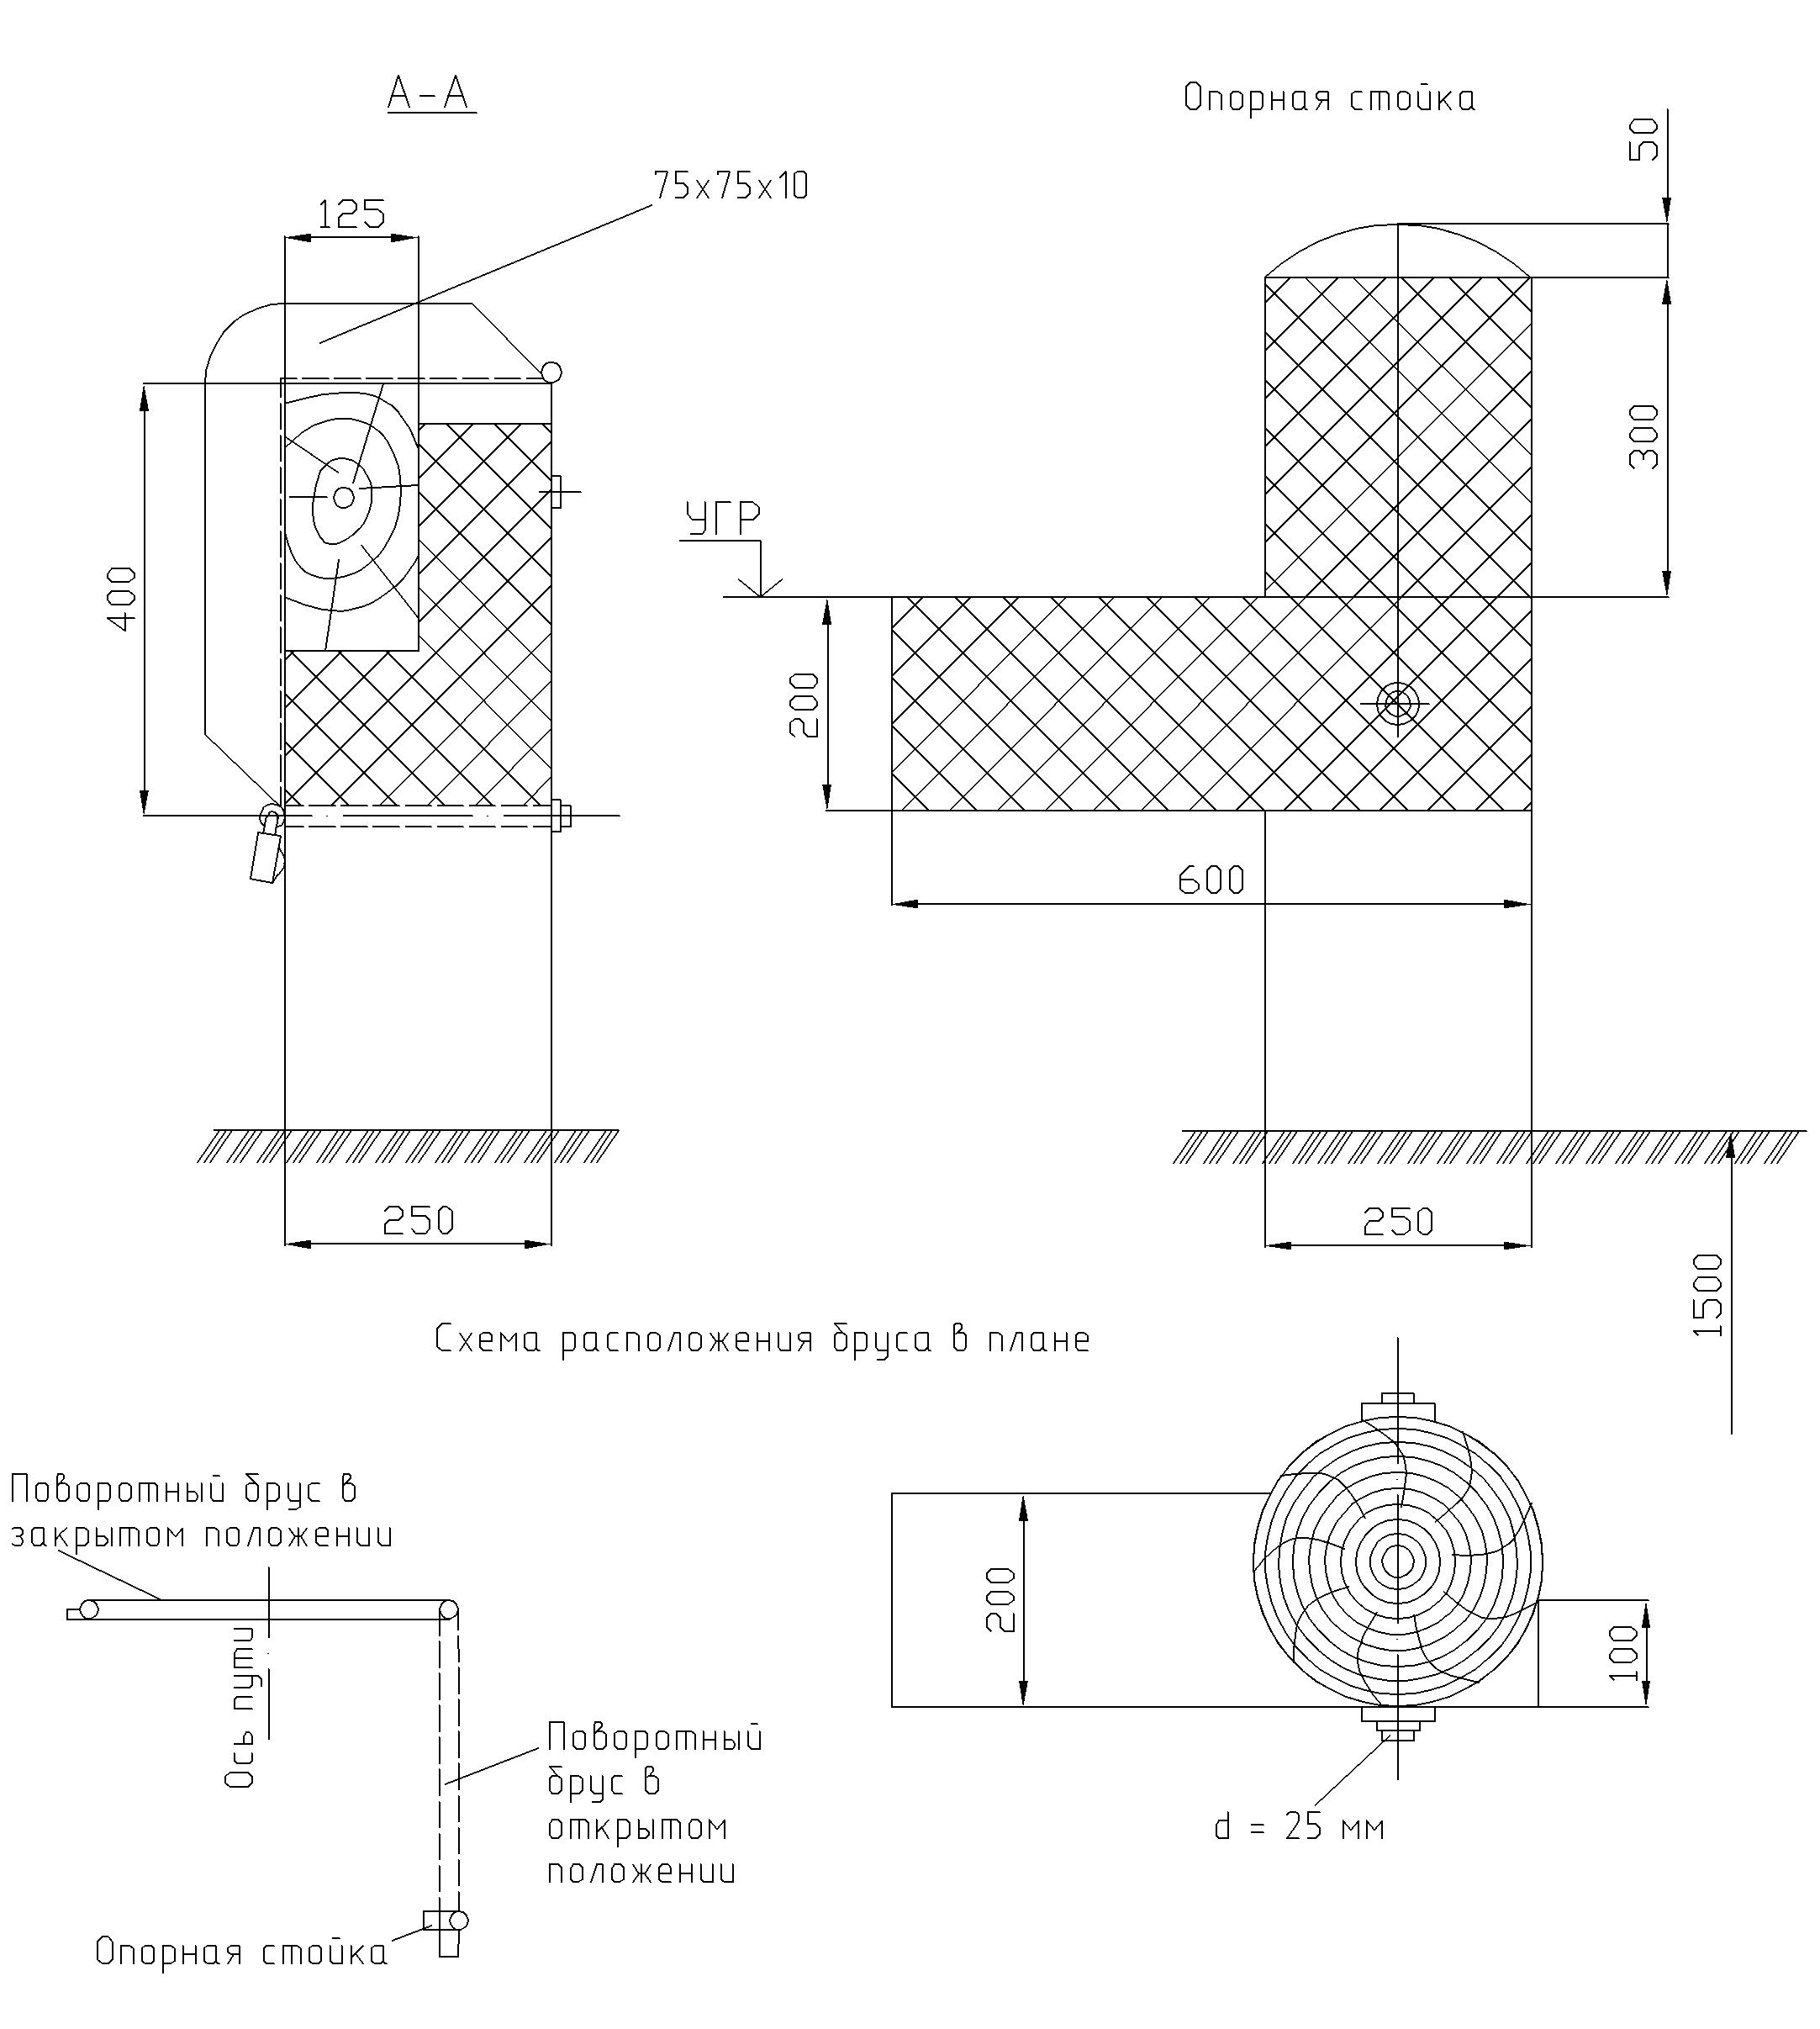 Рисунок 63. Поворотный брус путевого заграждения